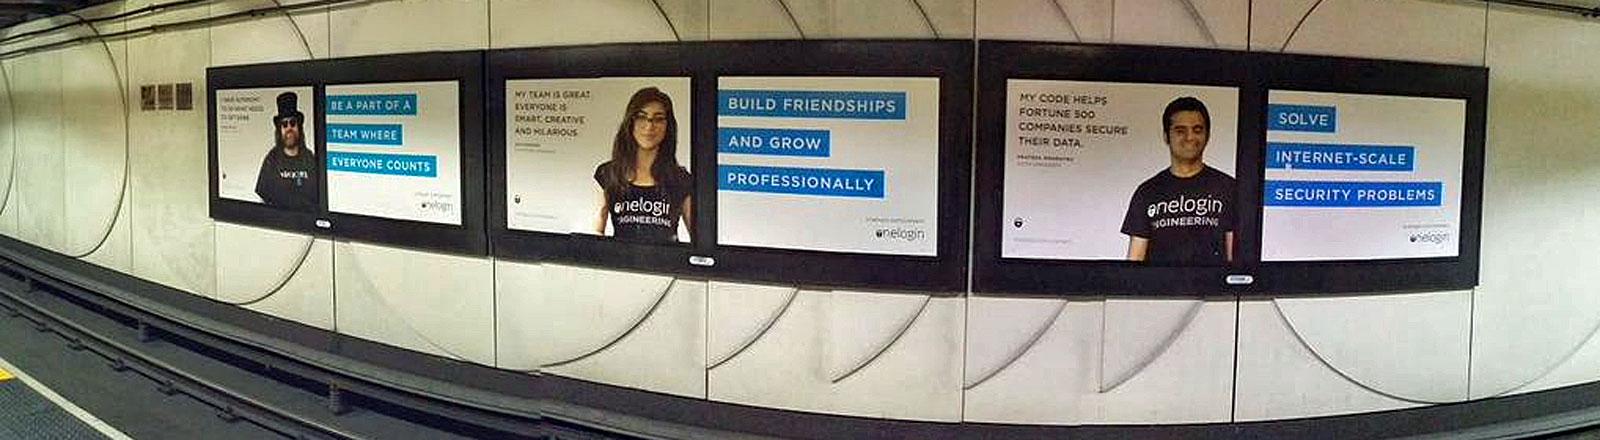 Werbeposter für Ingenieure einer Silicon Valley Firma